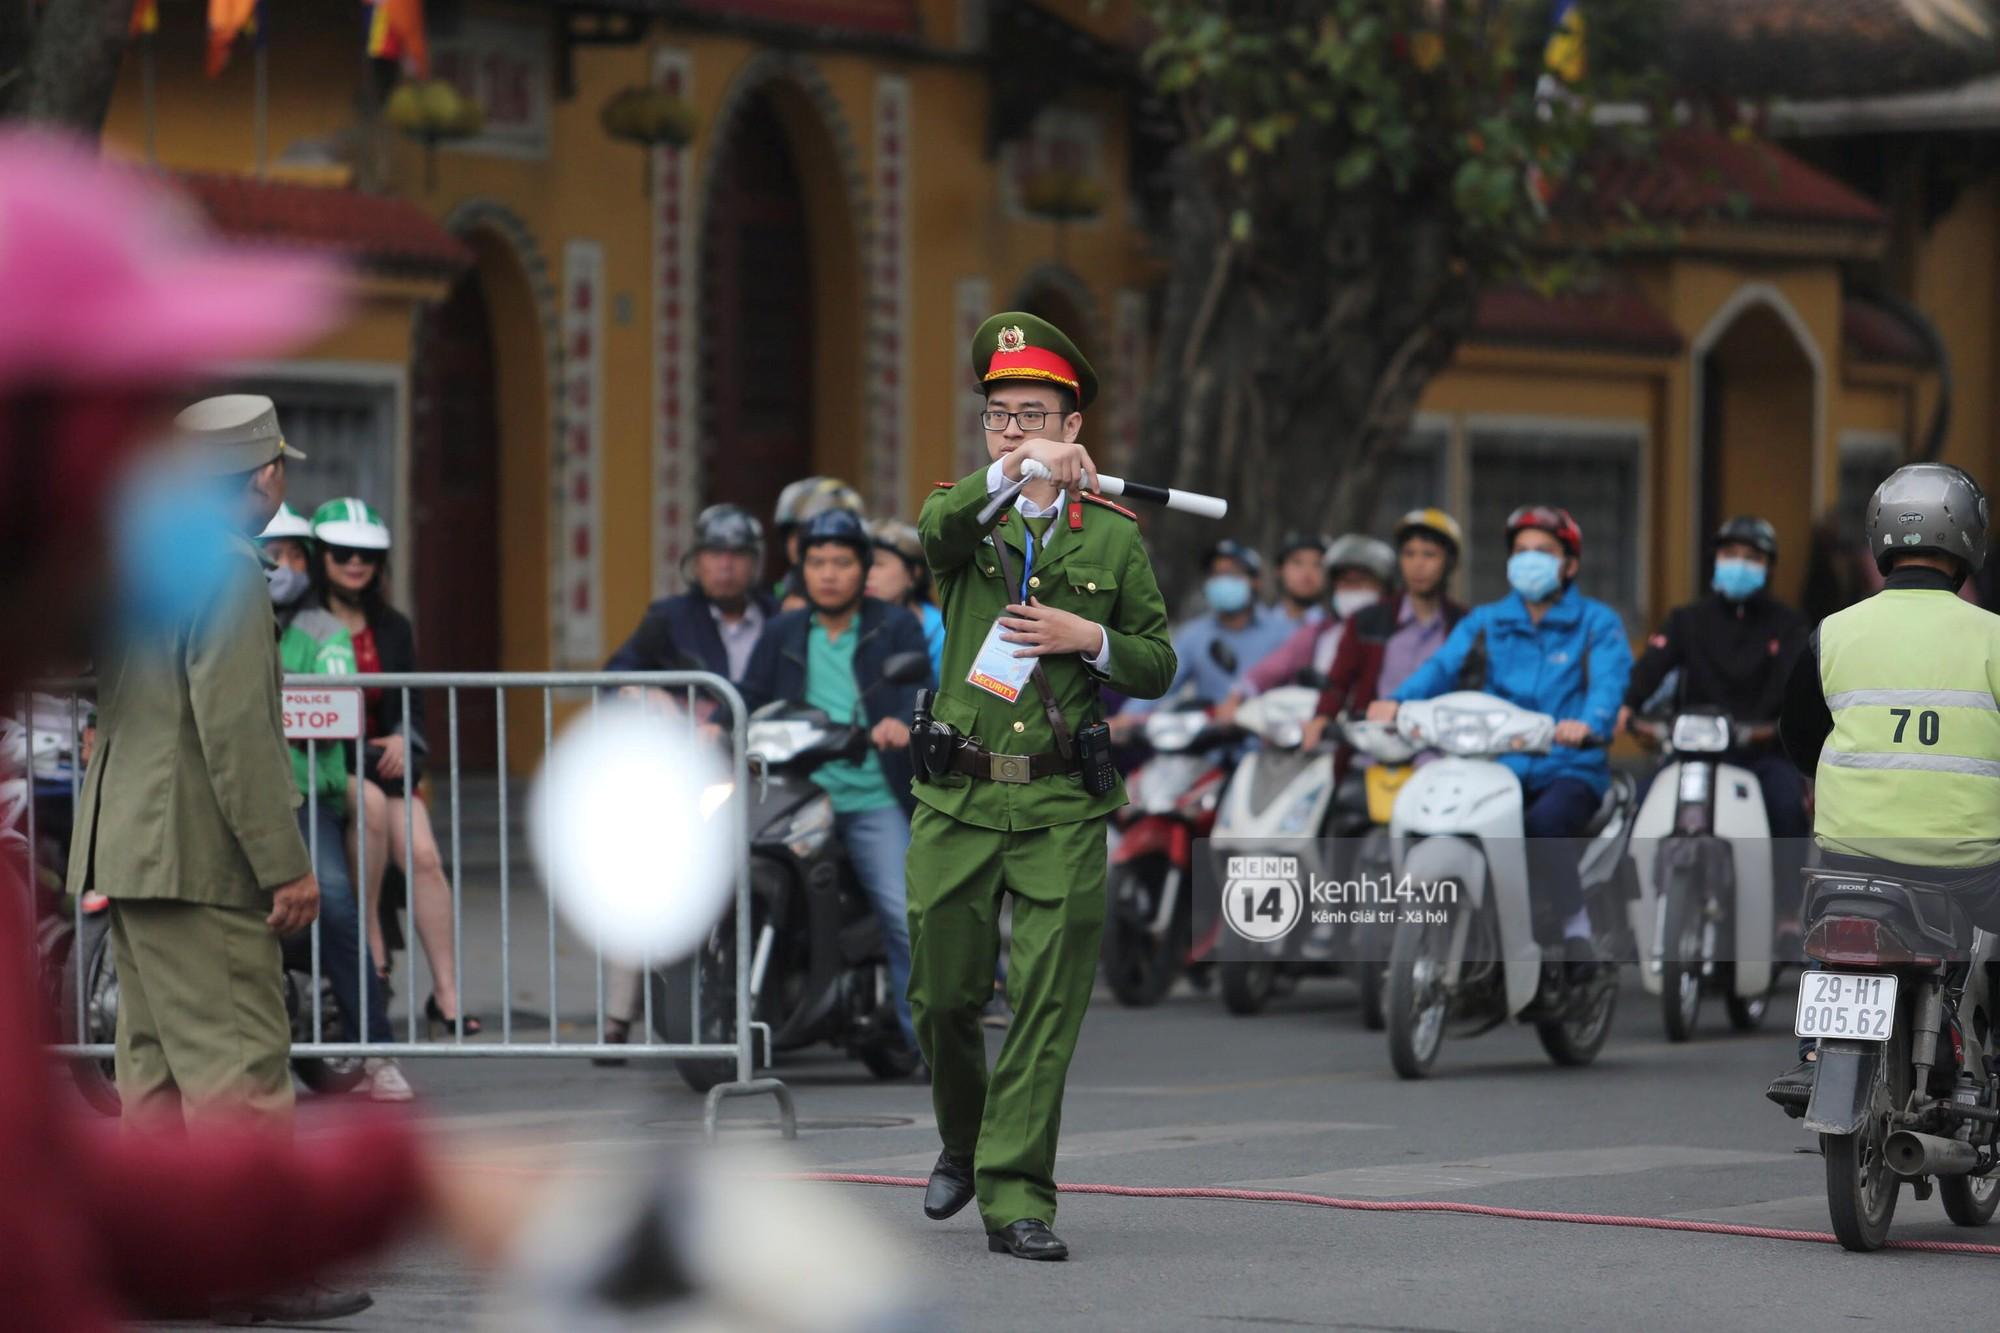 Chủ tịch Kim Jong-un vẫy tay chào người dân, đang trên đường viếng đài liệt sĩ và lăng Chủ tịch Hồ Chí Minh - Ảnh 7.